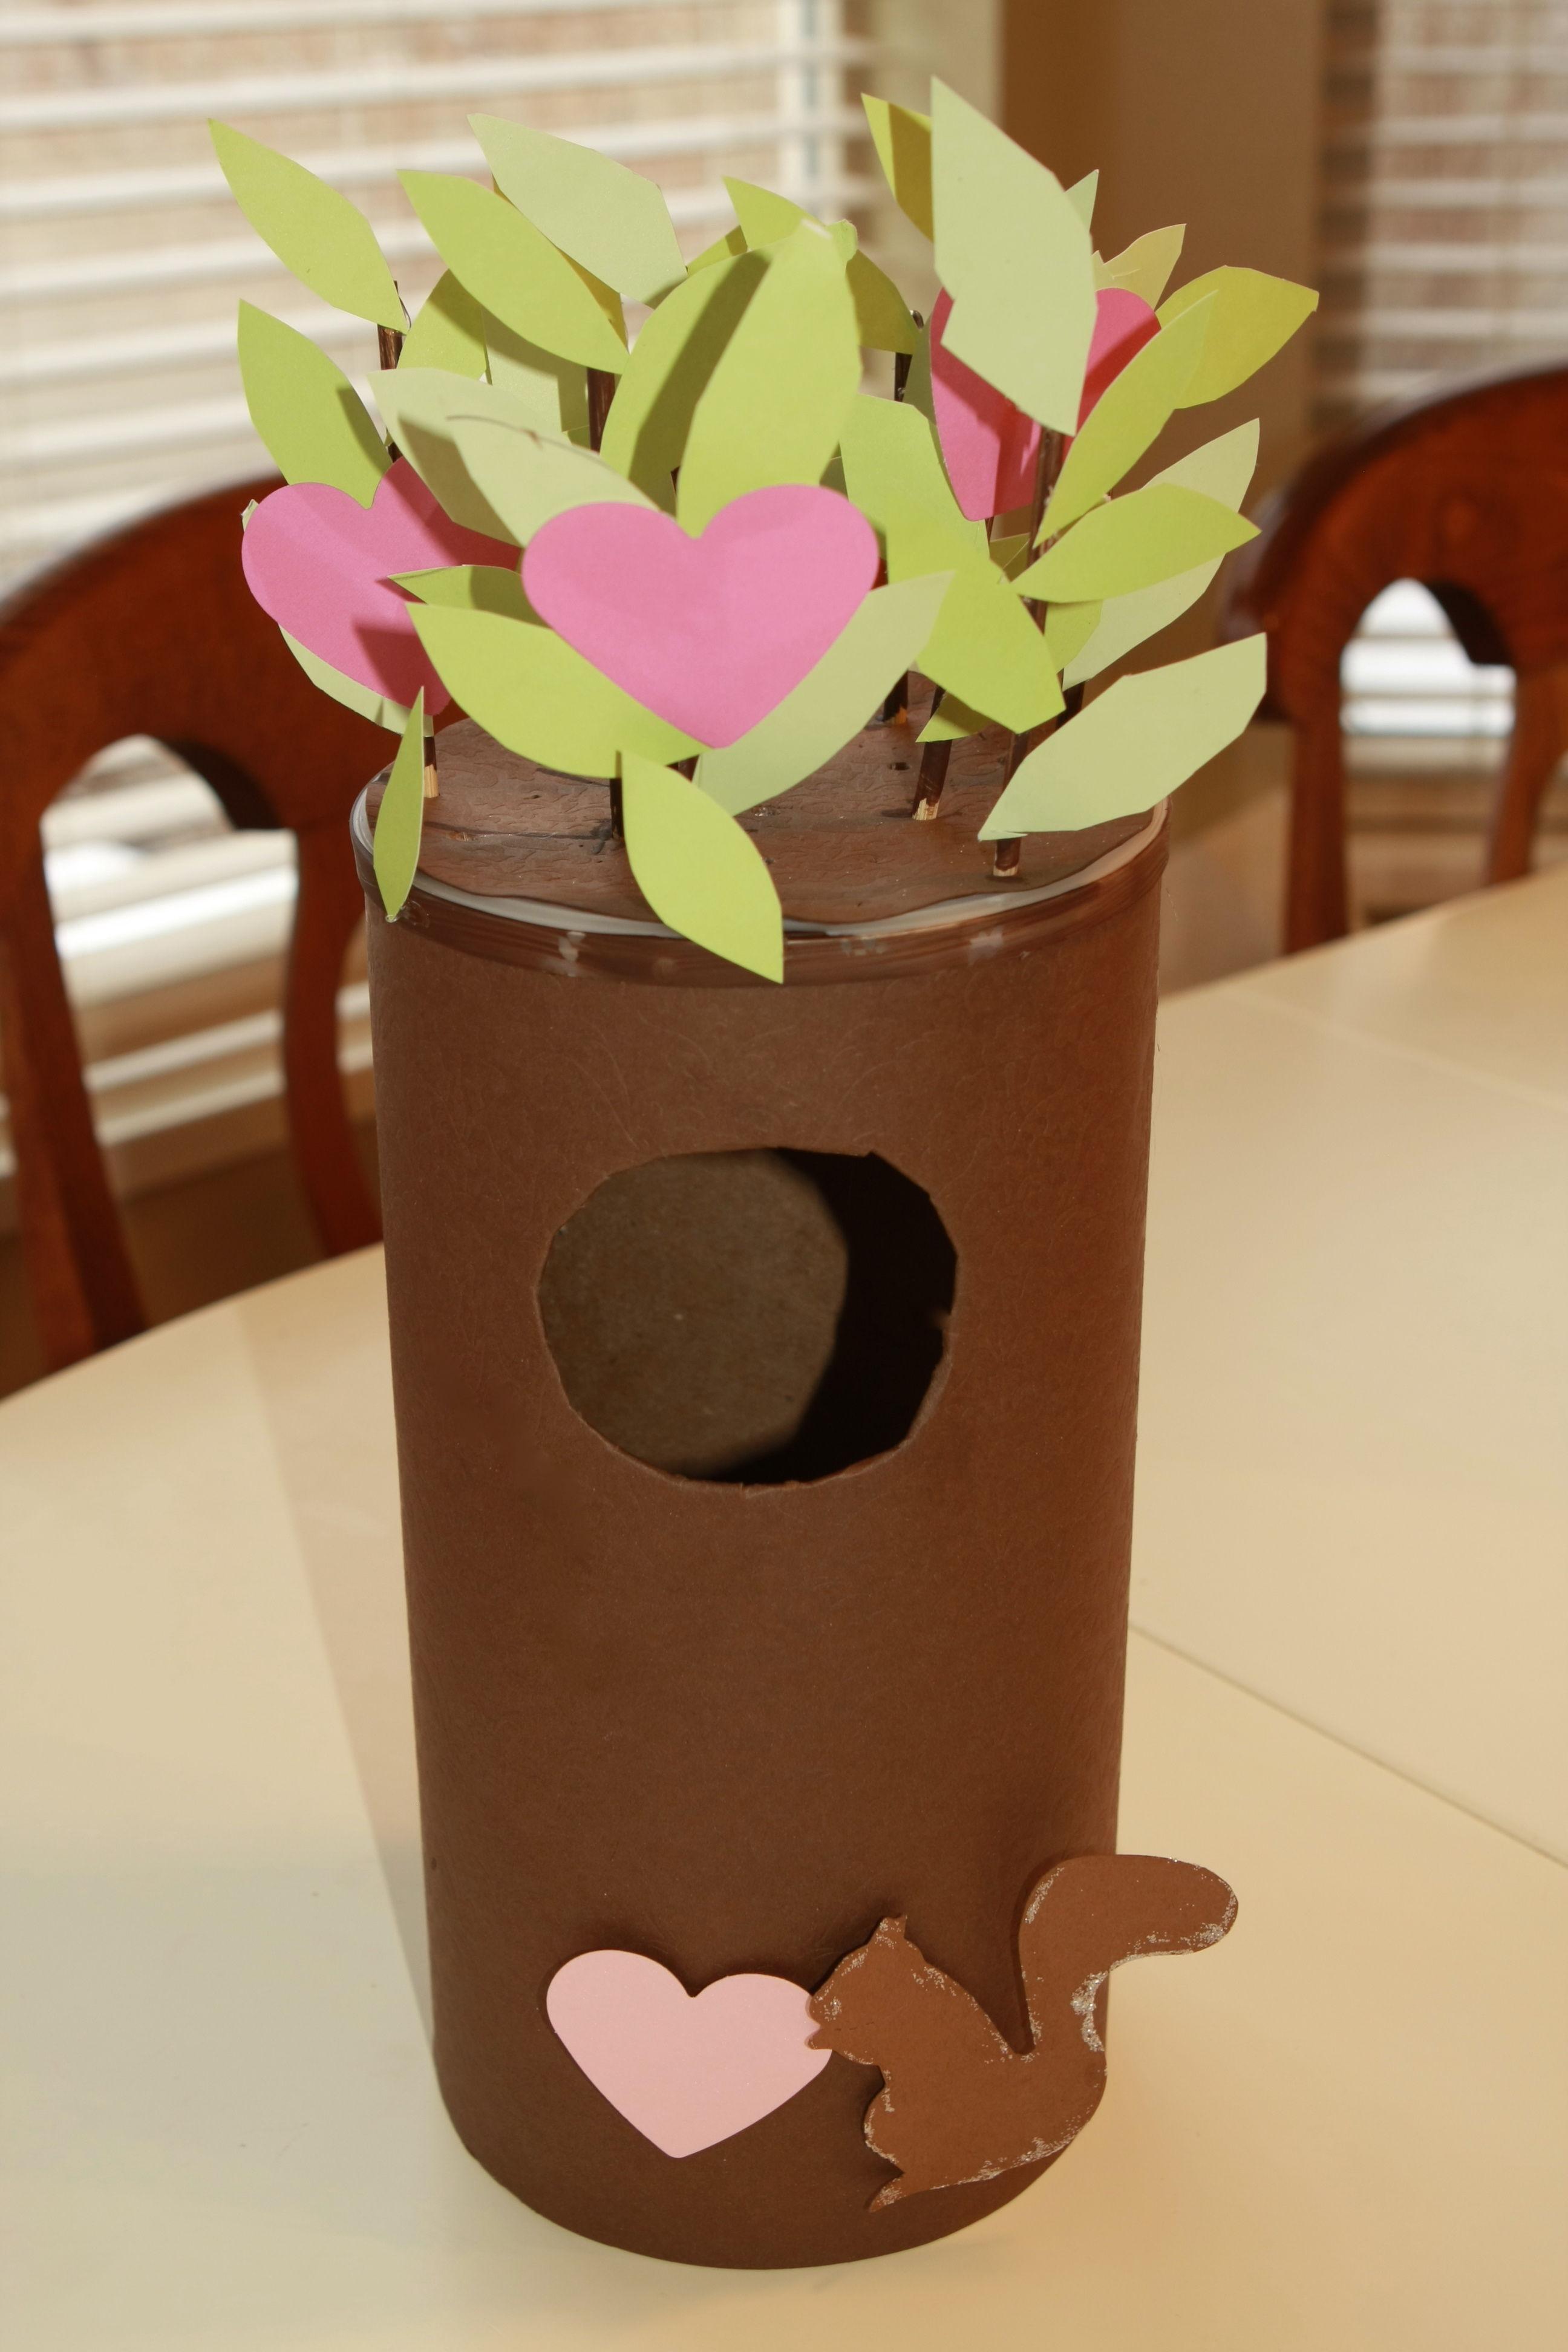 Valentine S Day Squirrel Tree Card Box Craft Preschool Crafts For Kids